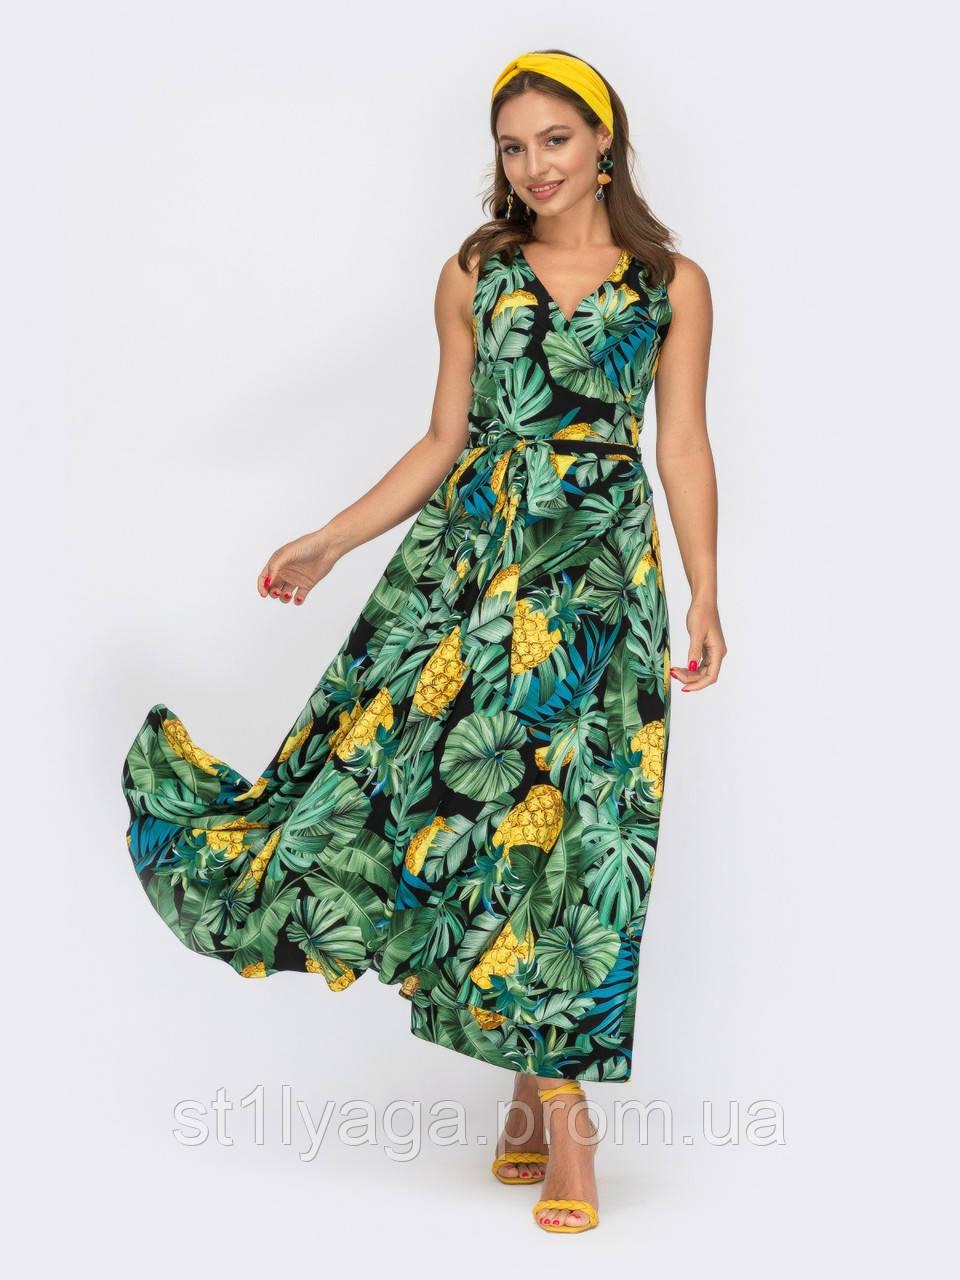 Зелену сукню-міді на запах з принтом ананас ЛІТО